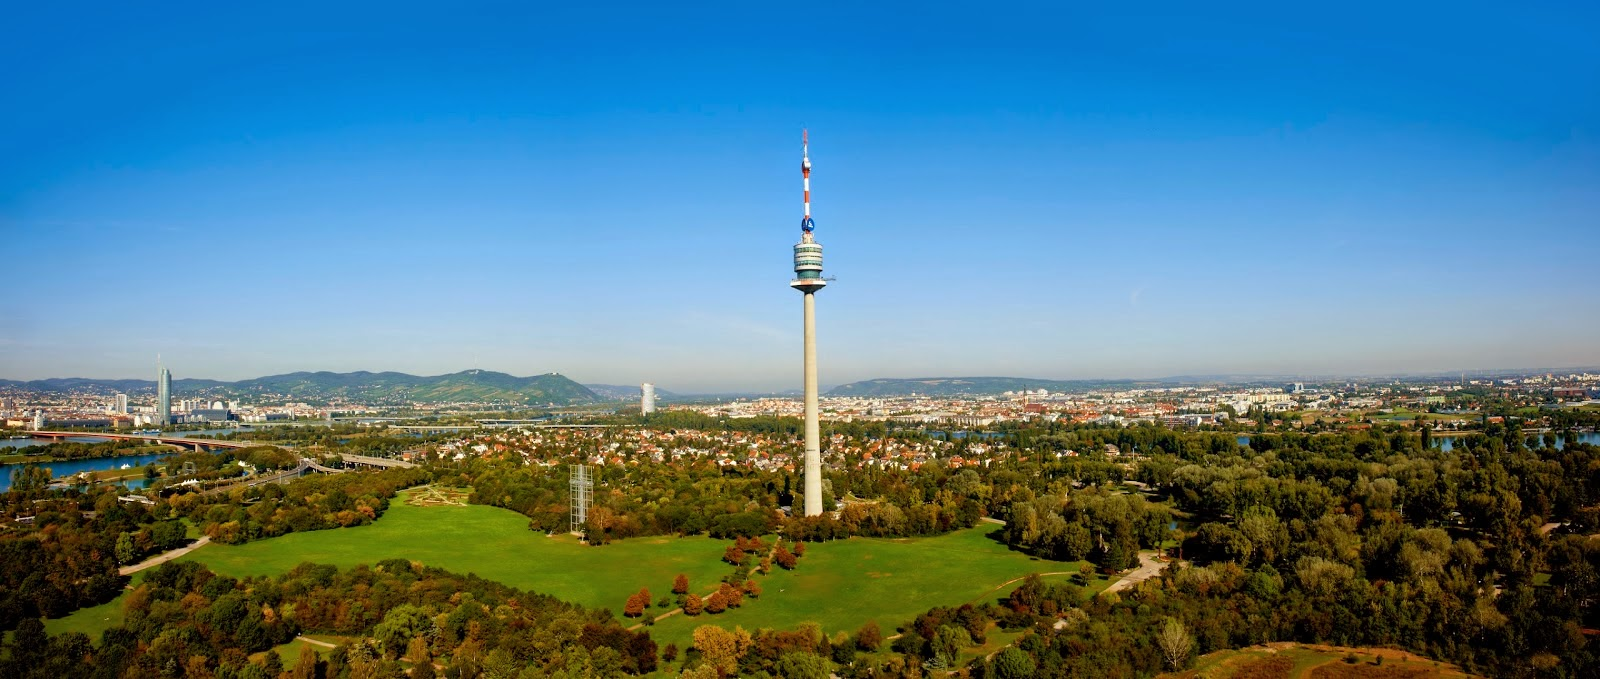 أجمل المعالم السياحية في فيينا